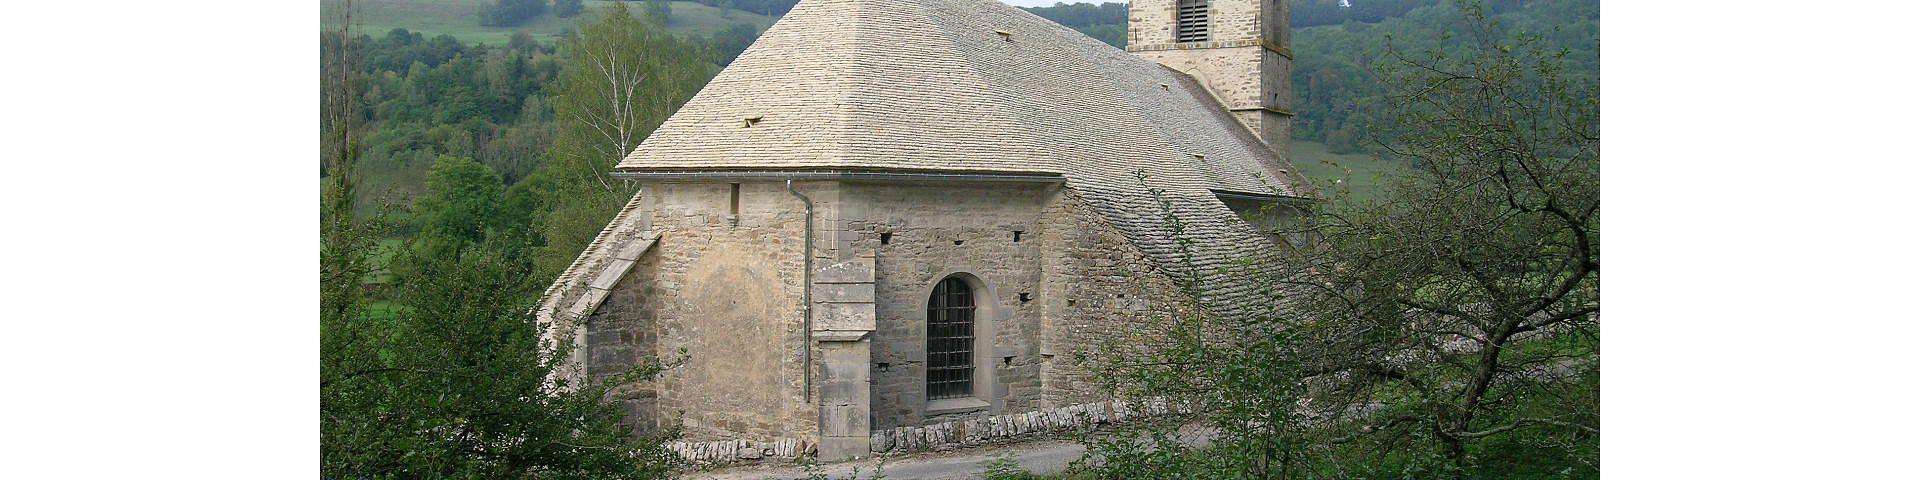 Baume-les-Messieurs - Eglise St-Jean-Baptiste (39)